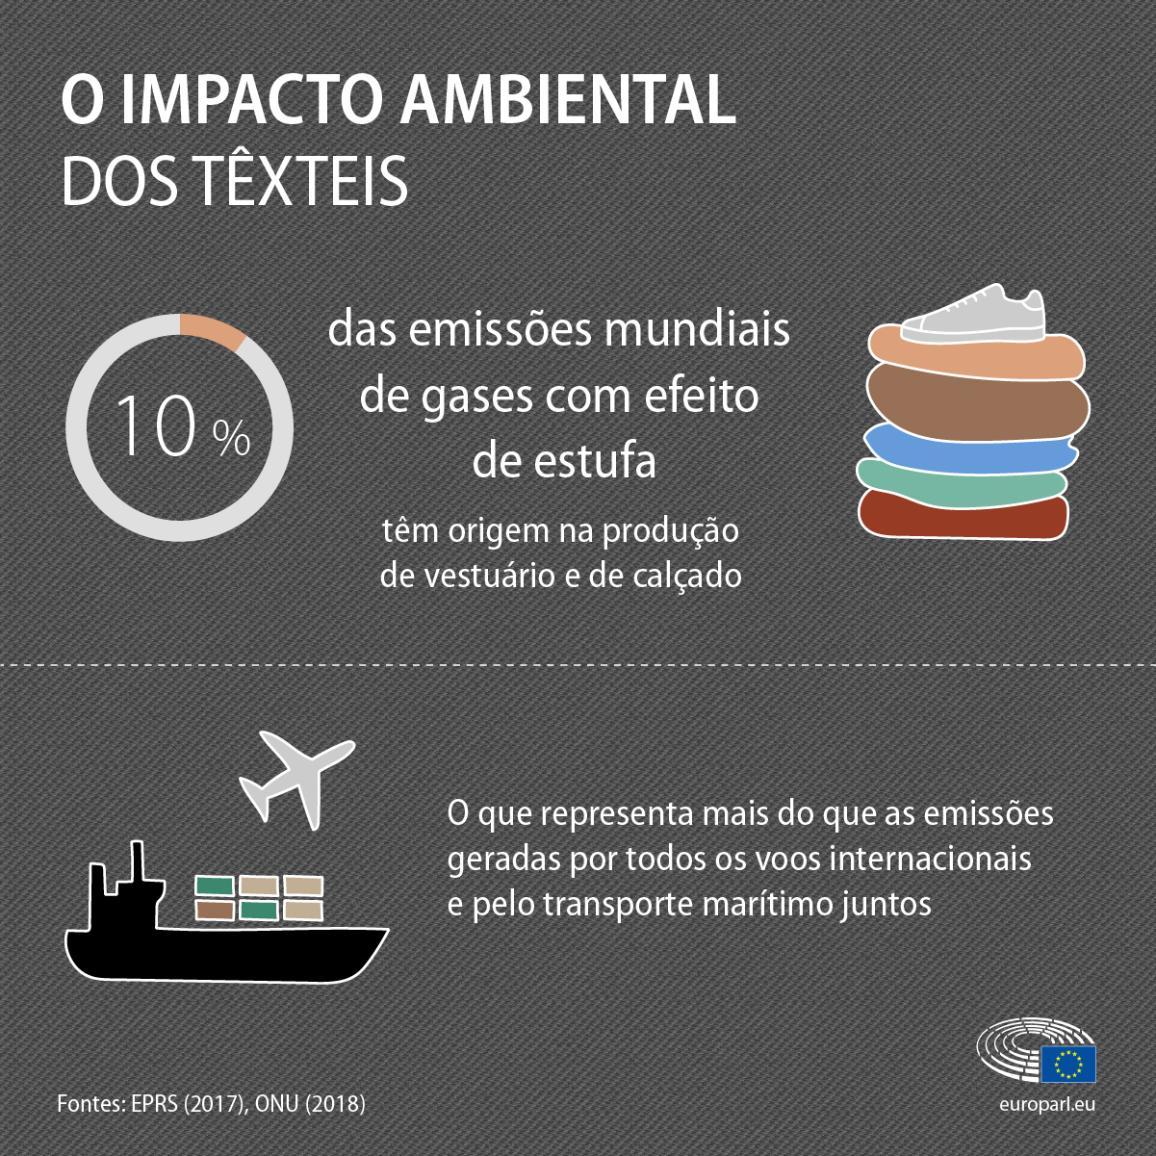 Uma infografia sobre o impacto ambiental dos têxteis